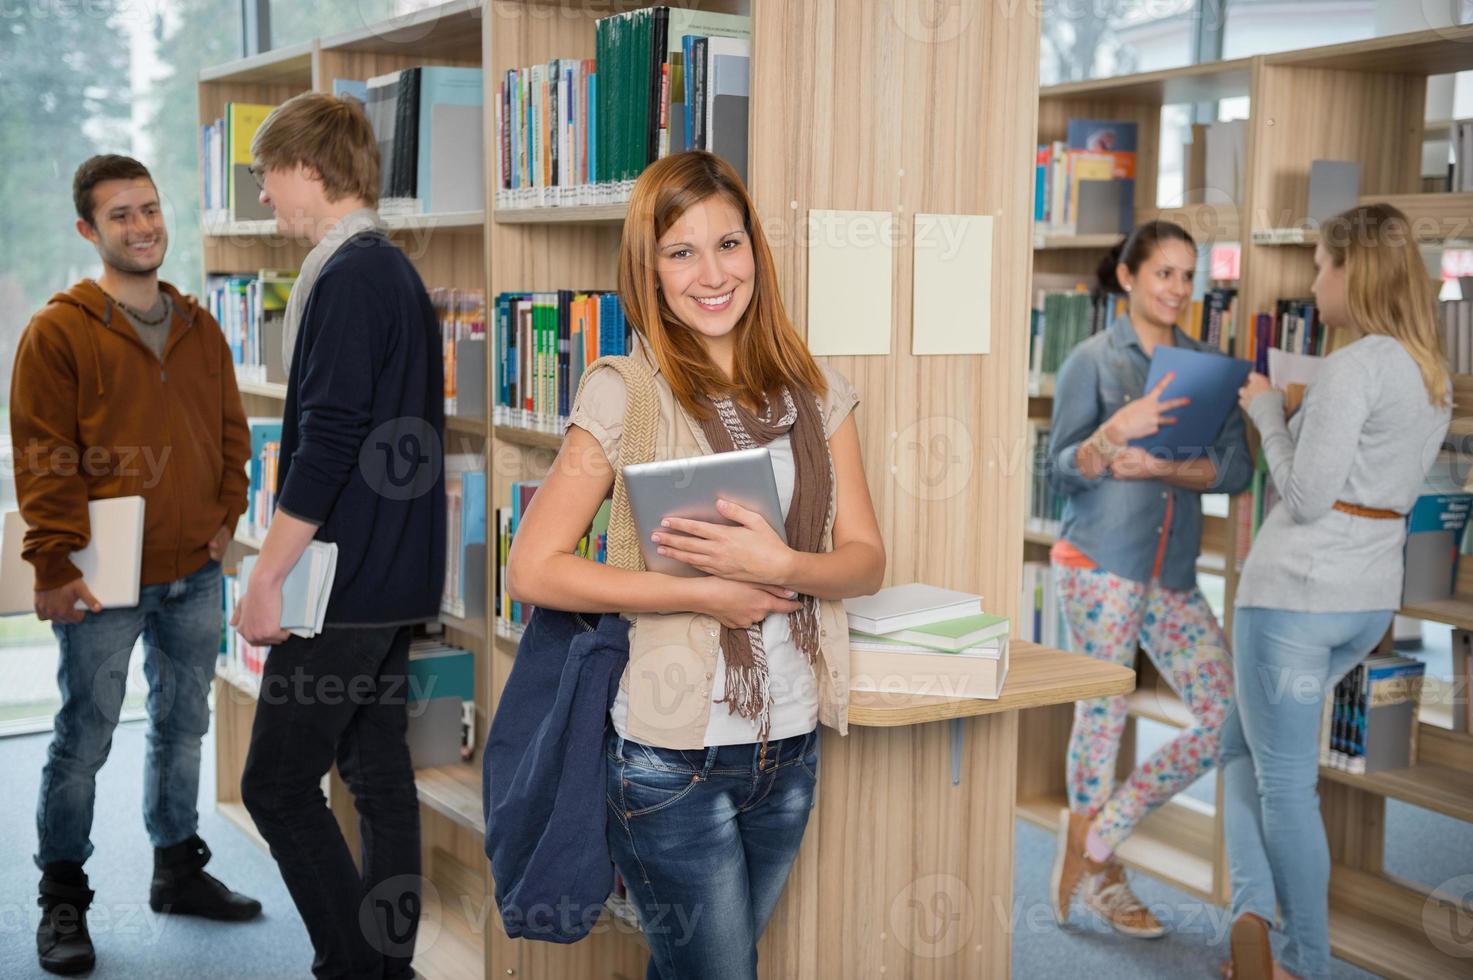 grupo de alunos na biblioteca da faculdade foto